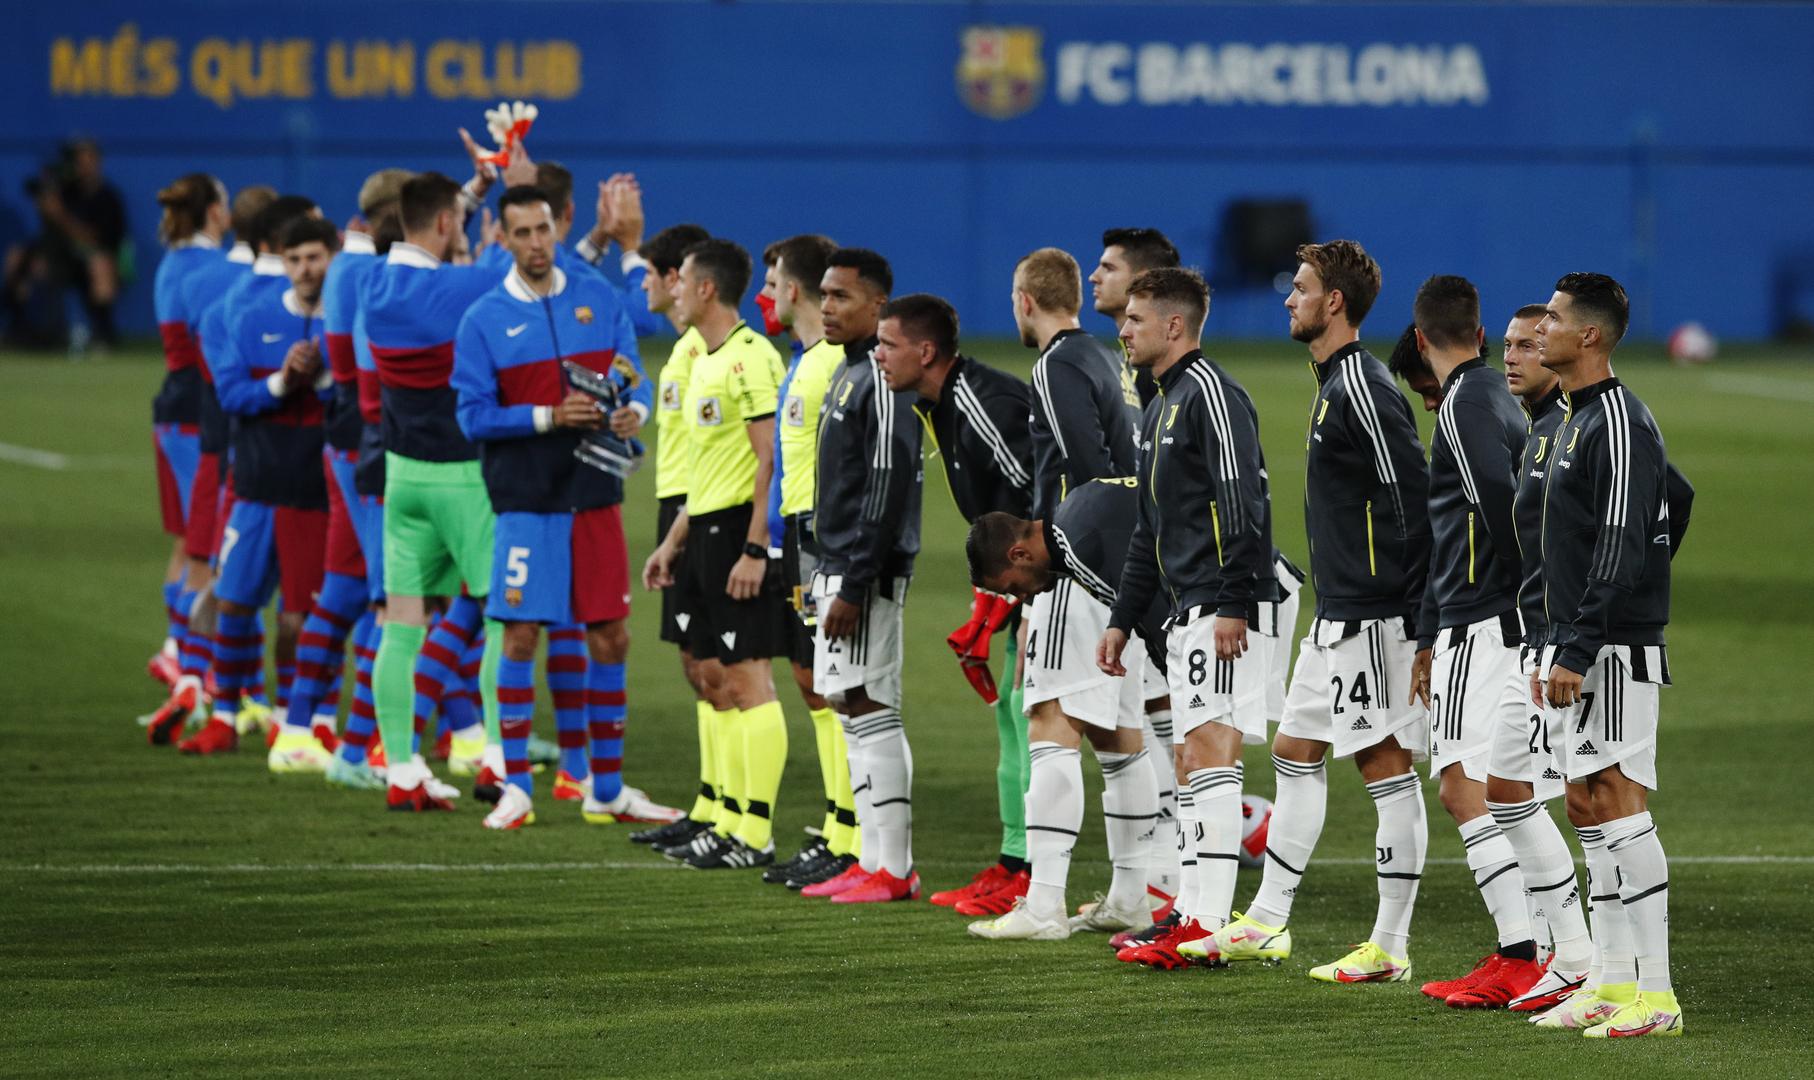 صافرات استهجان ضد لاعبي برشلونة بسبب ميسي خلال مواجهة يوفنتوس